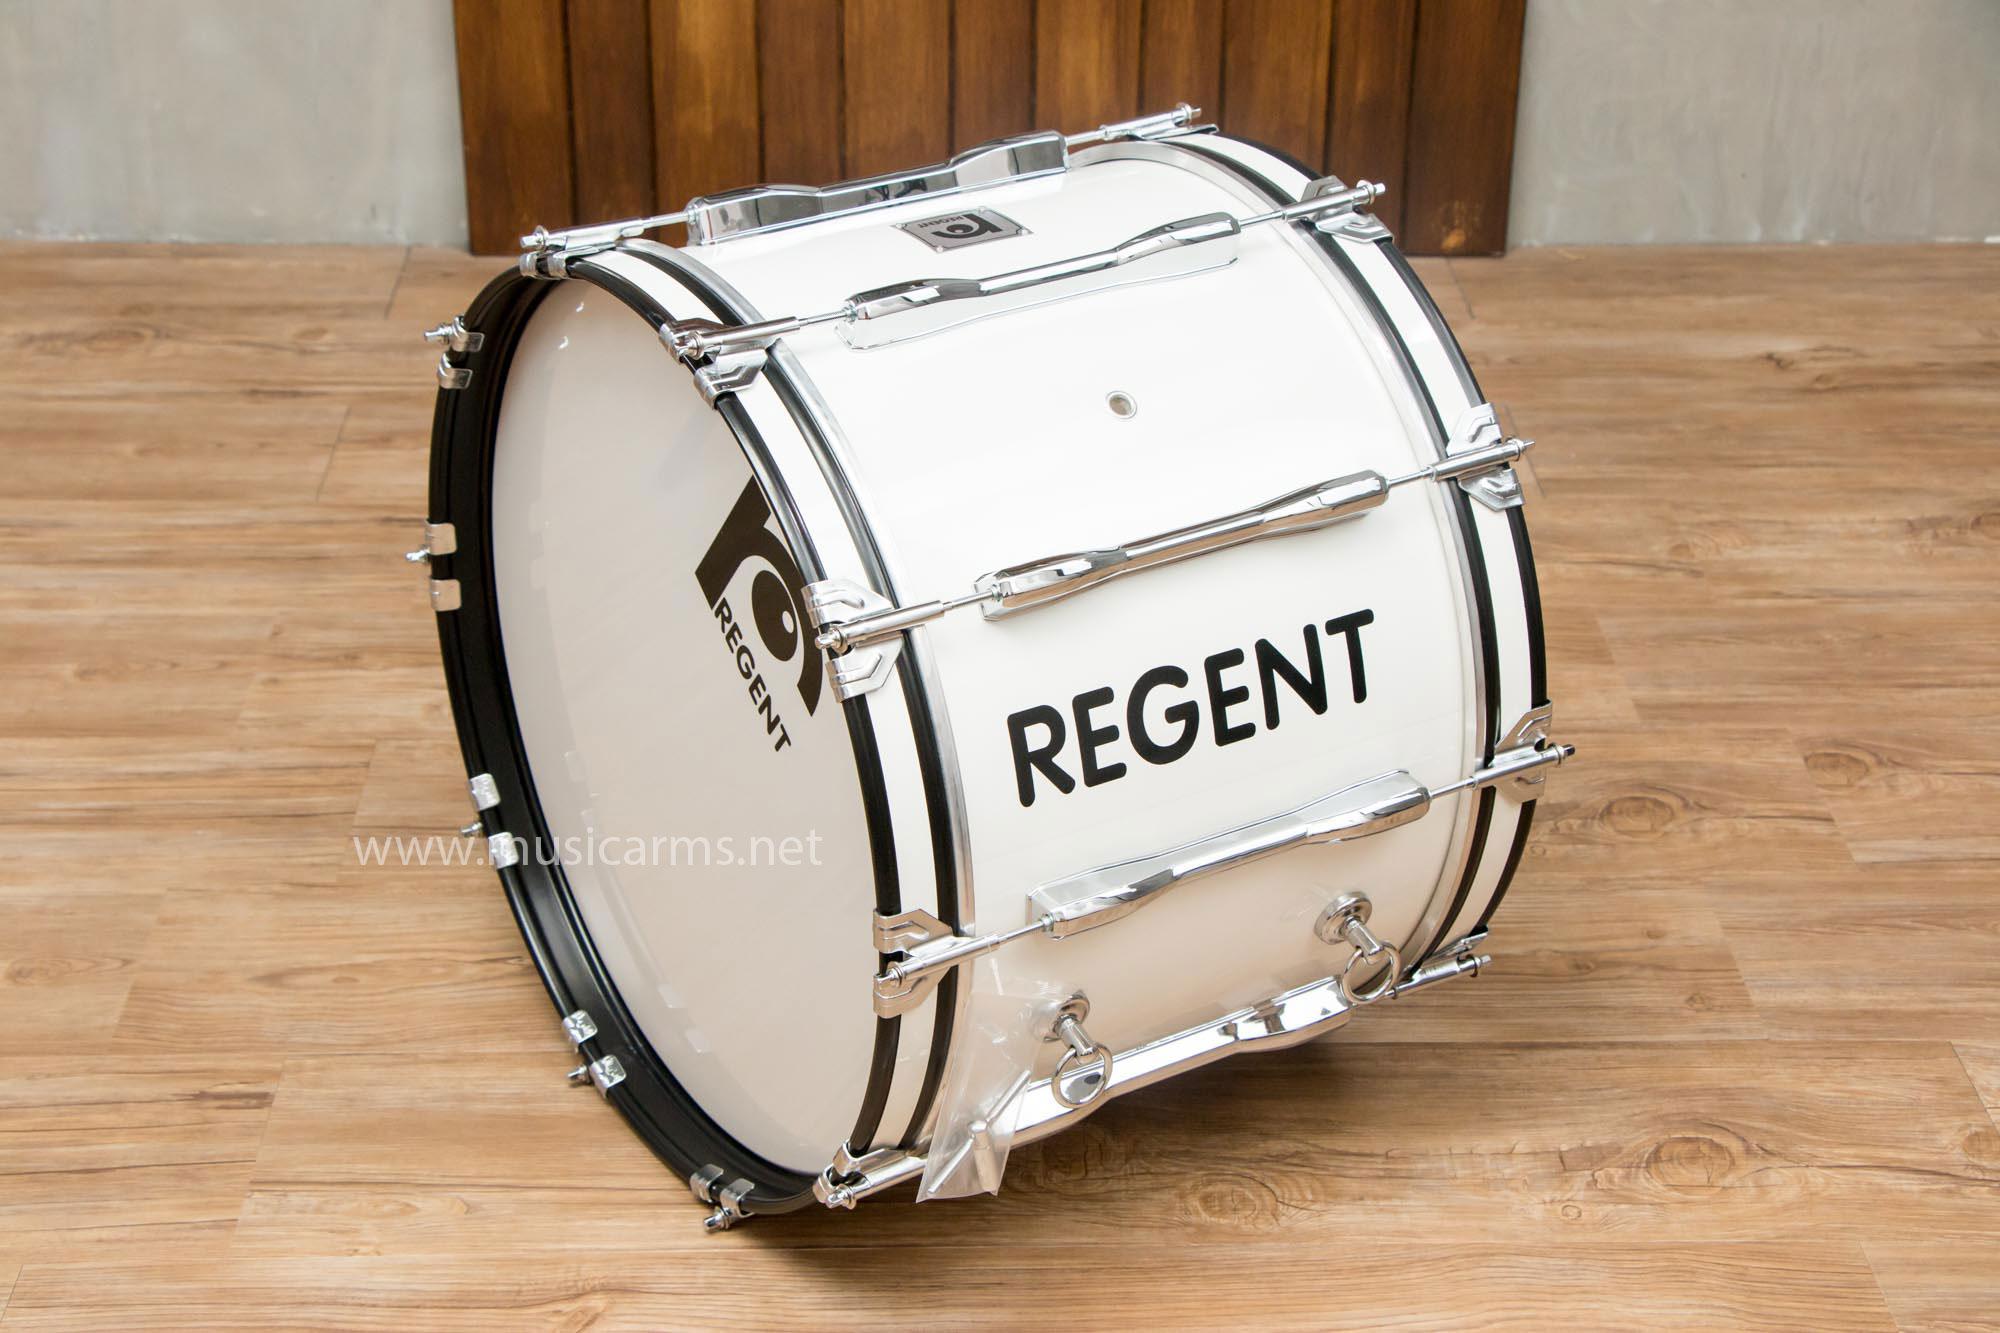 Regent กลองใหญ่ ขอบเหล็ก 20 นิ้ว 10 หลัก เกลียวยาว